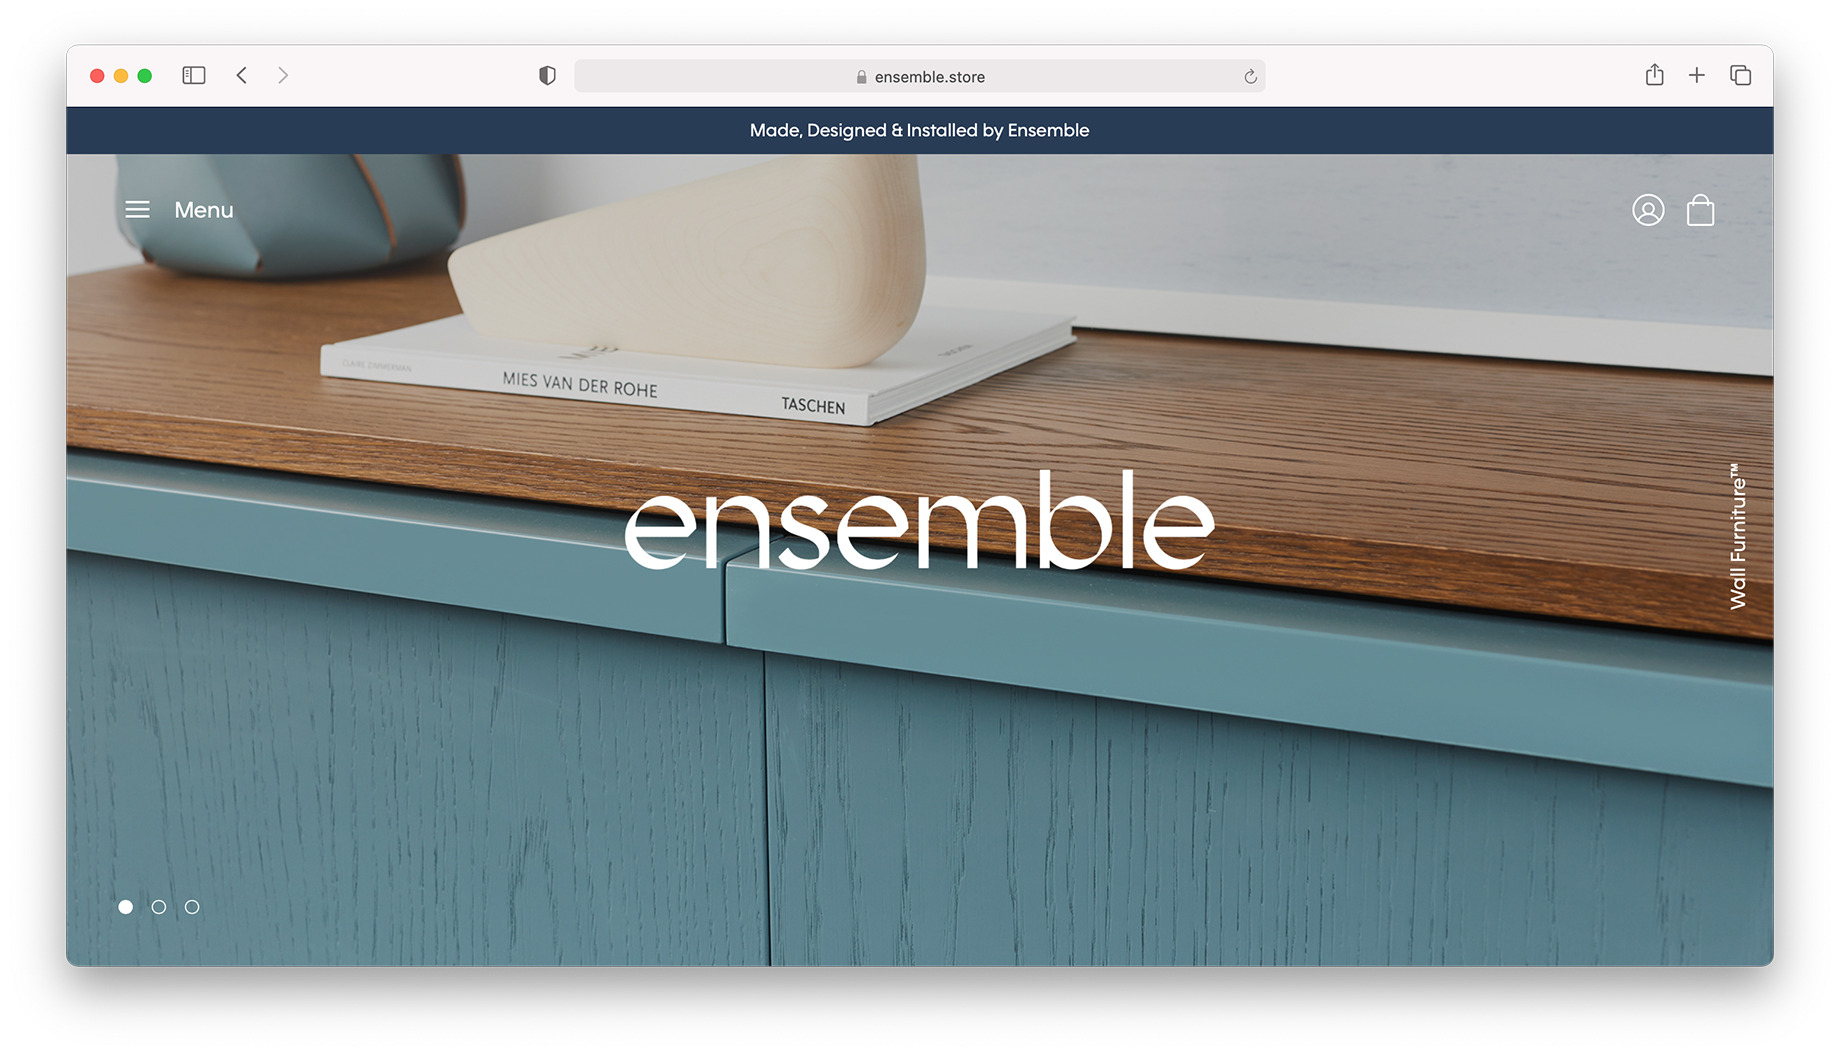 Screen shot of Ensemble furniture website shot by Peter Tarasiuk